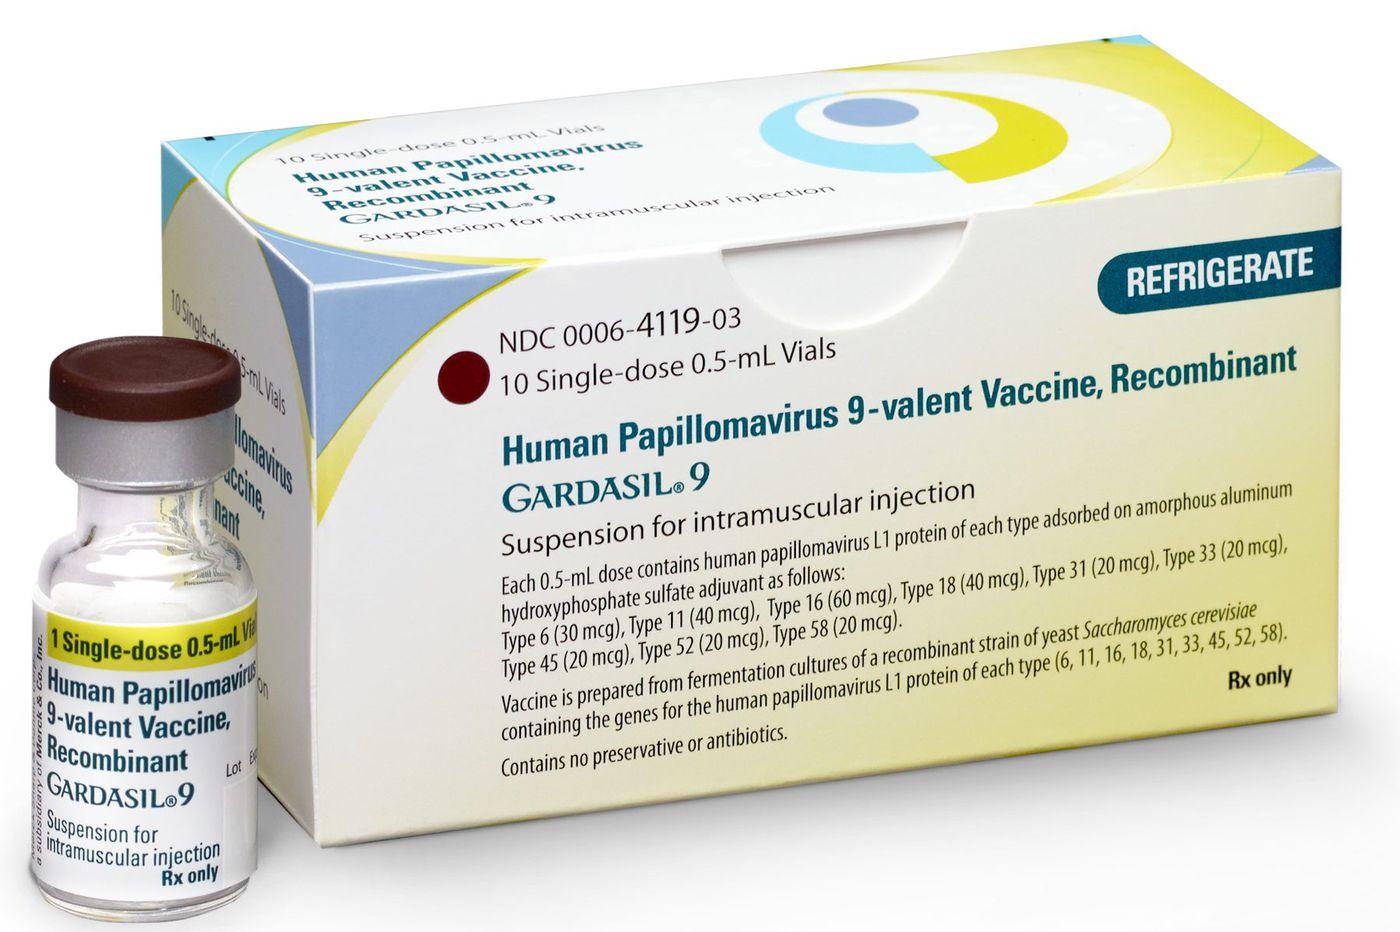 human papillomavirus vaccine ingredients